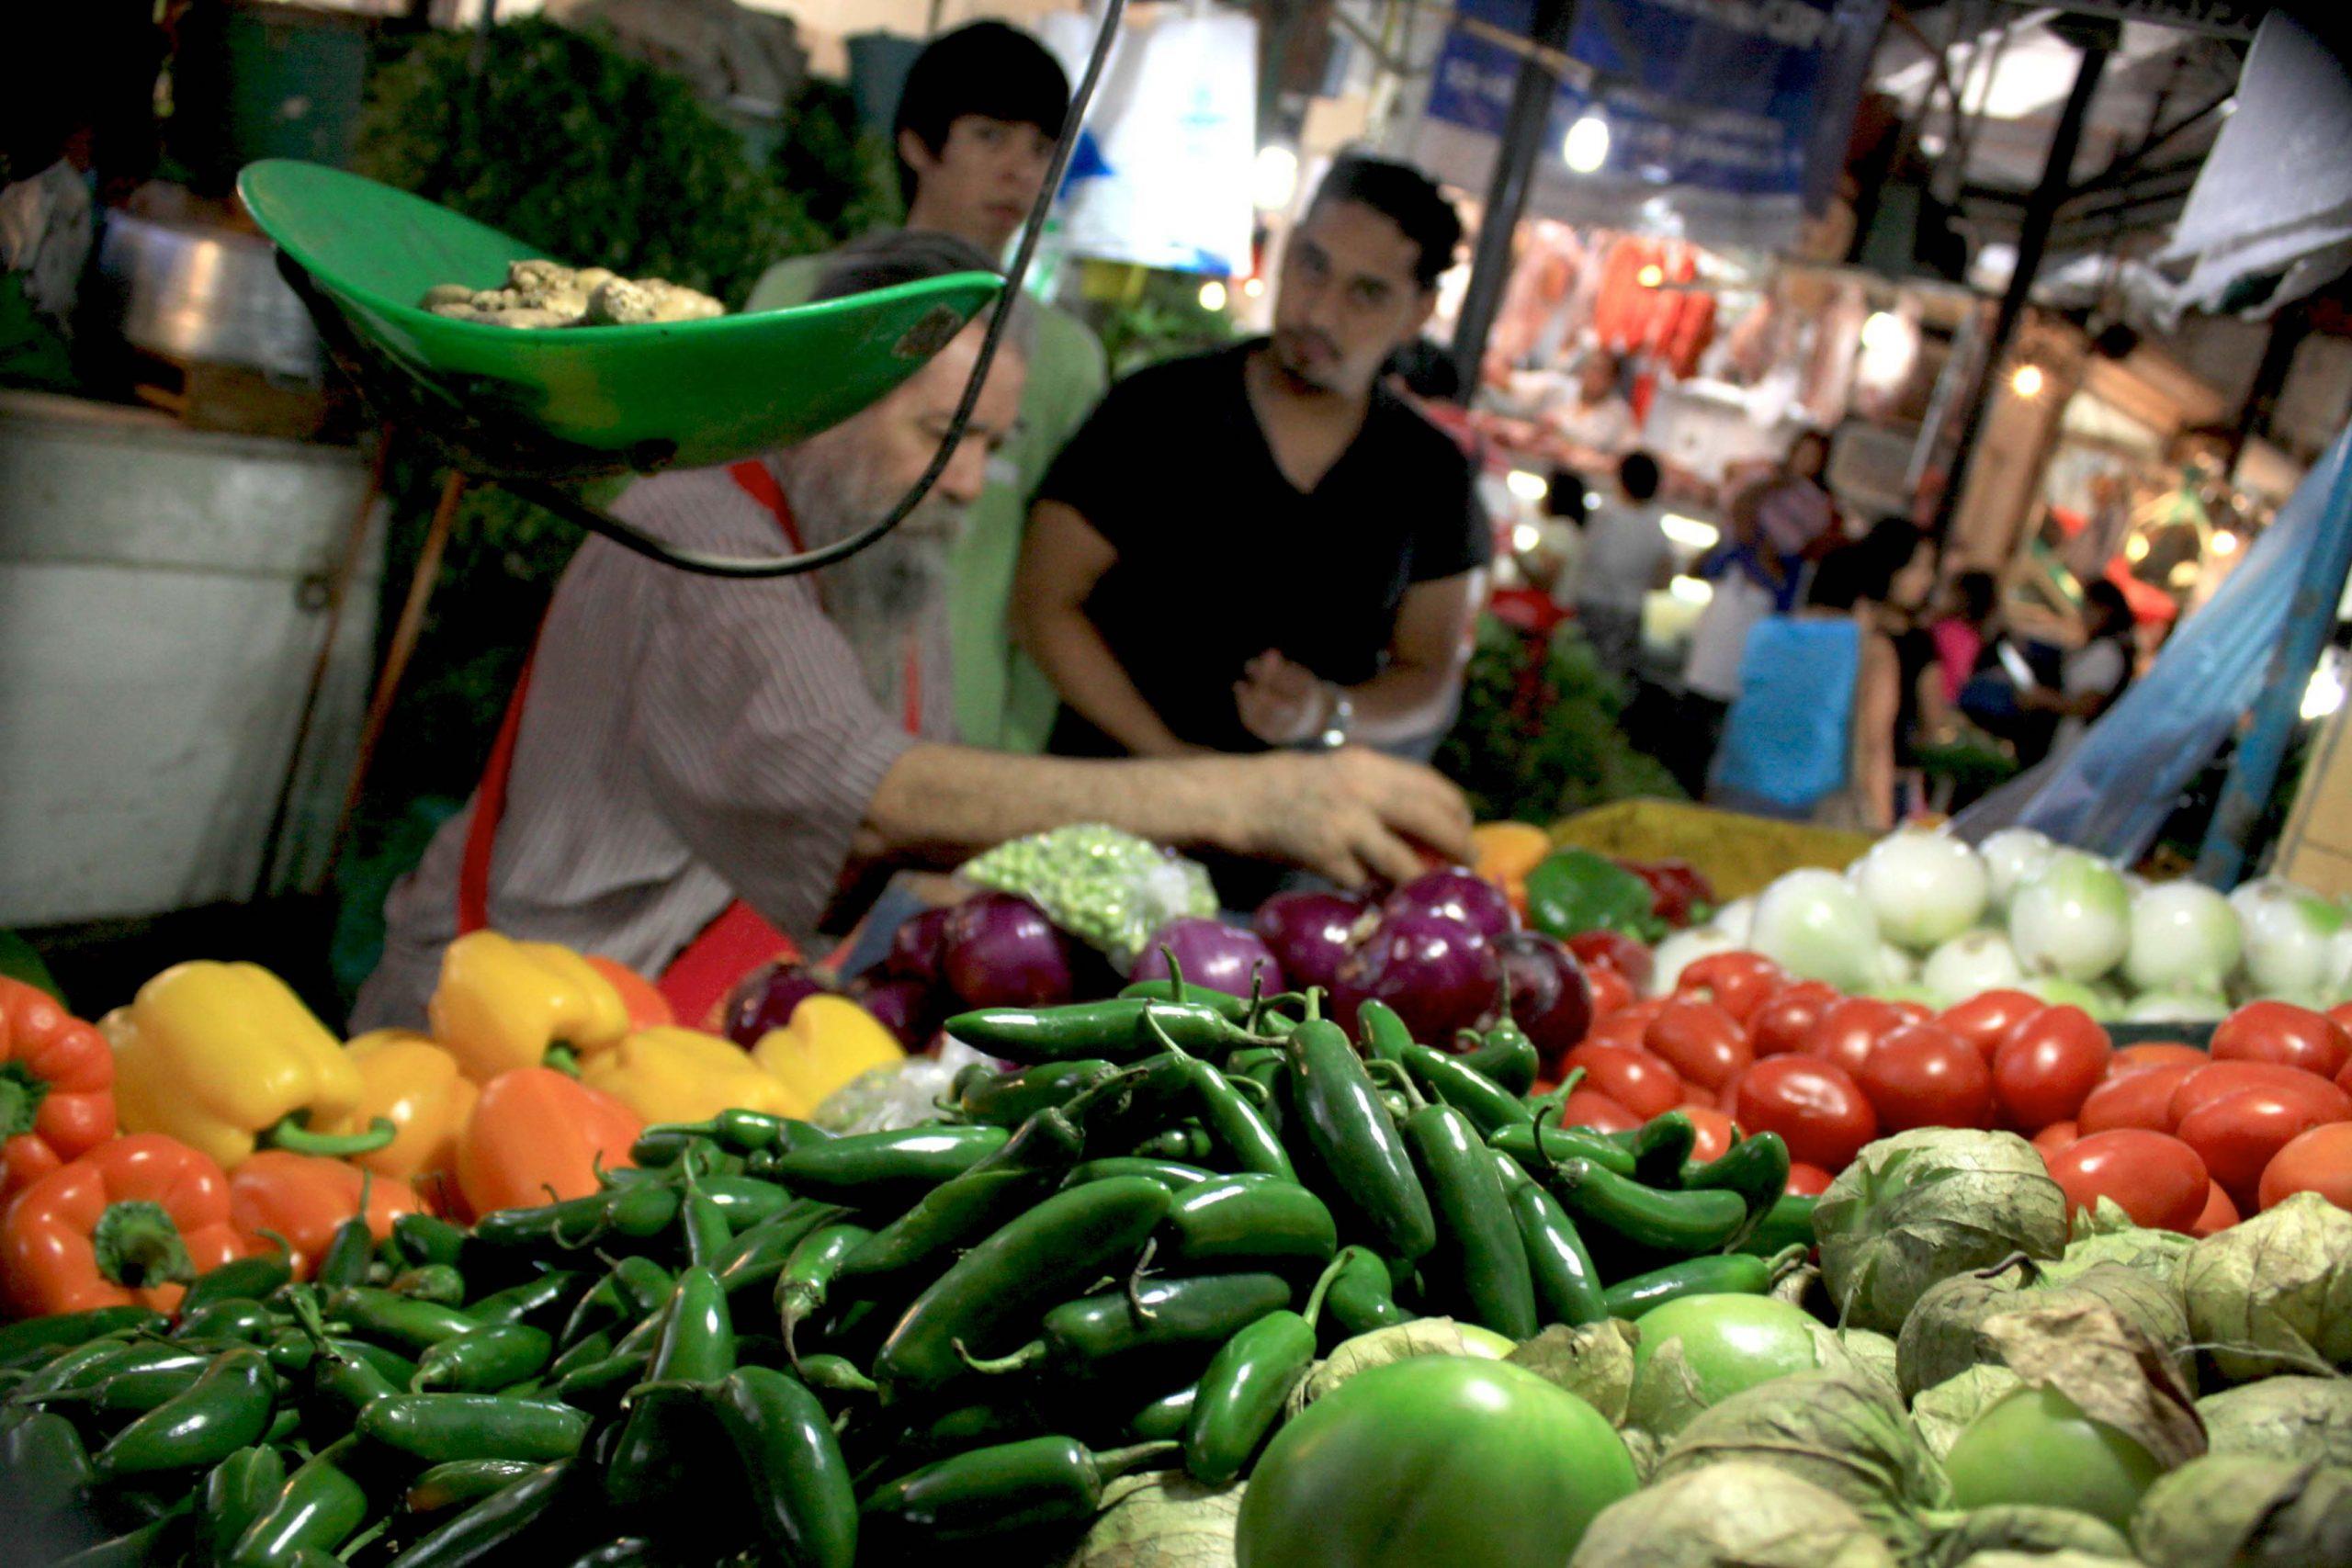 Sube índice de precios de los alimentos por primera vez en el año, reporta la FAO